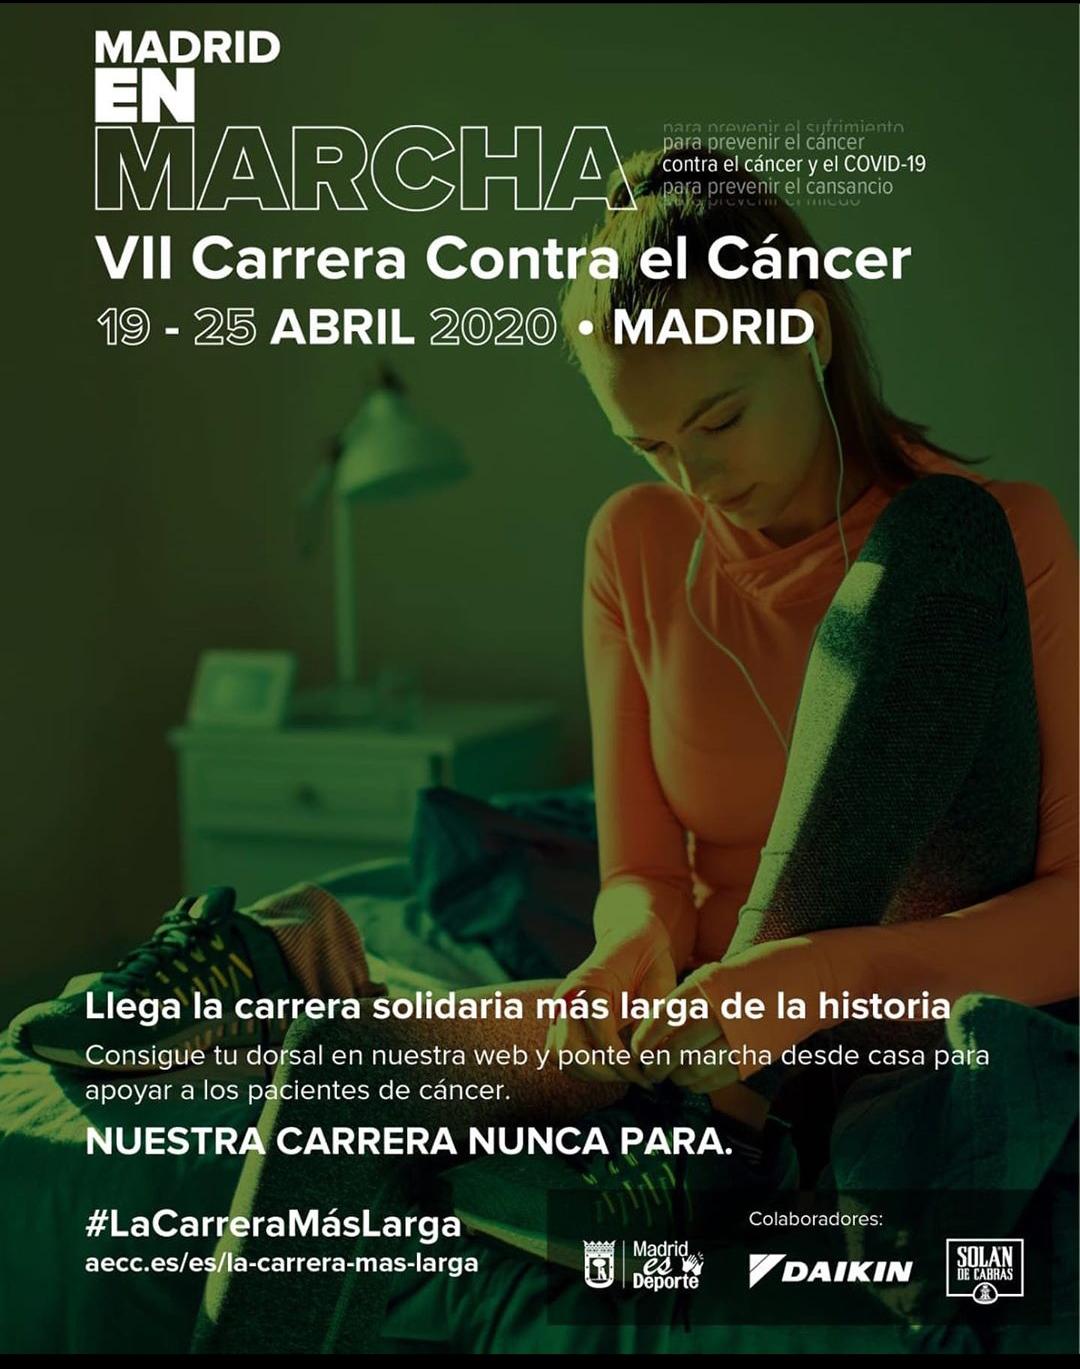 aecc.es